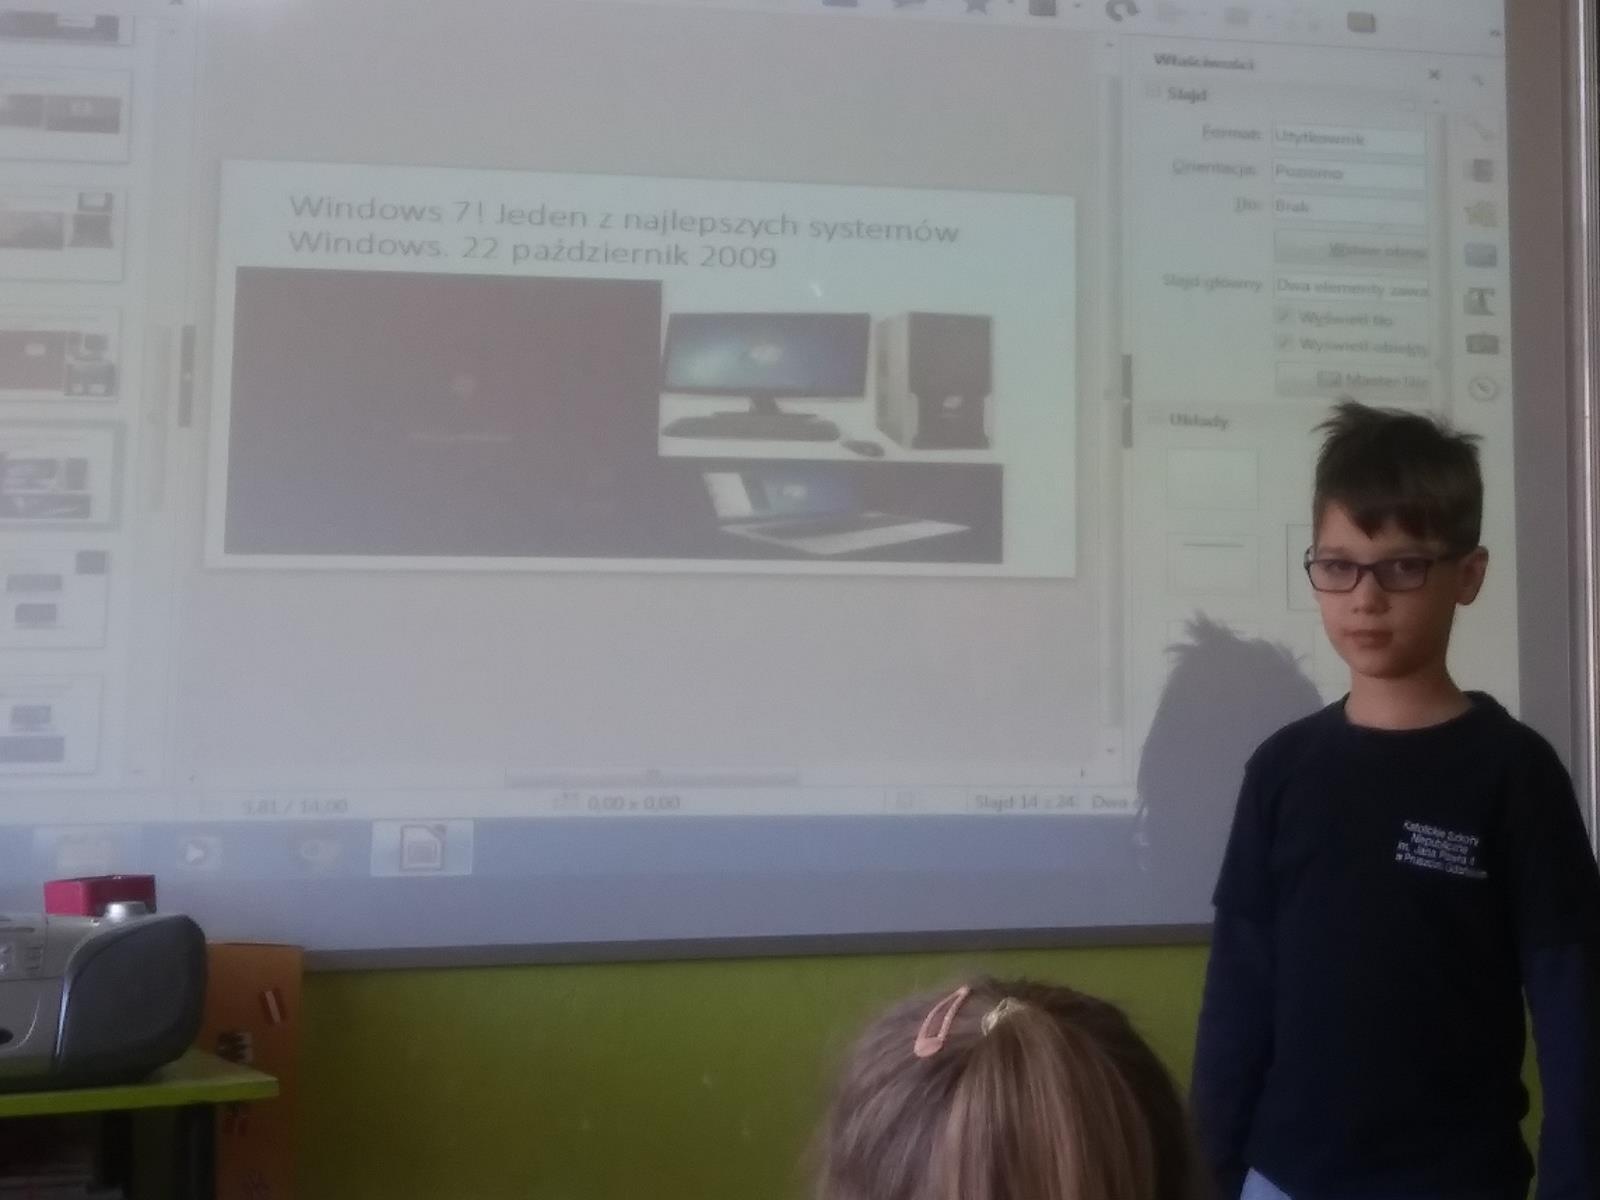 O rozwoju technologii komputerowej - prowadzona przez Piotrusia